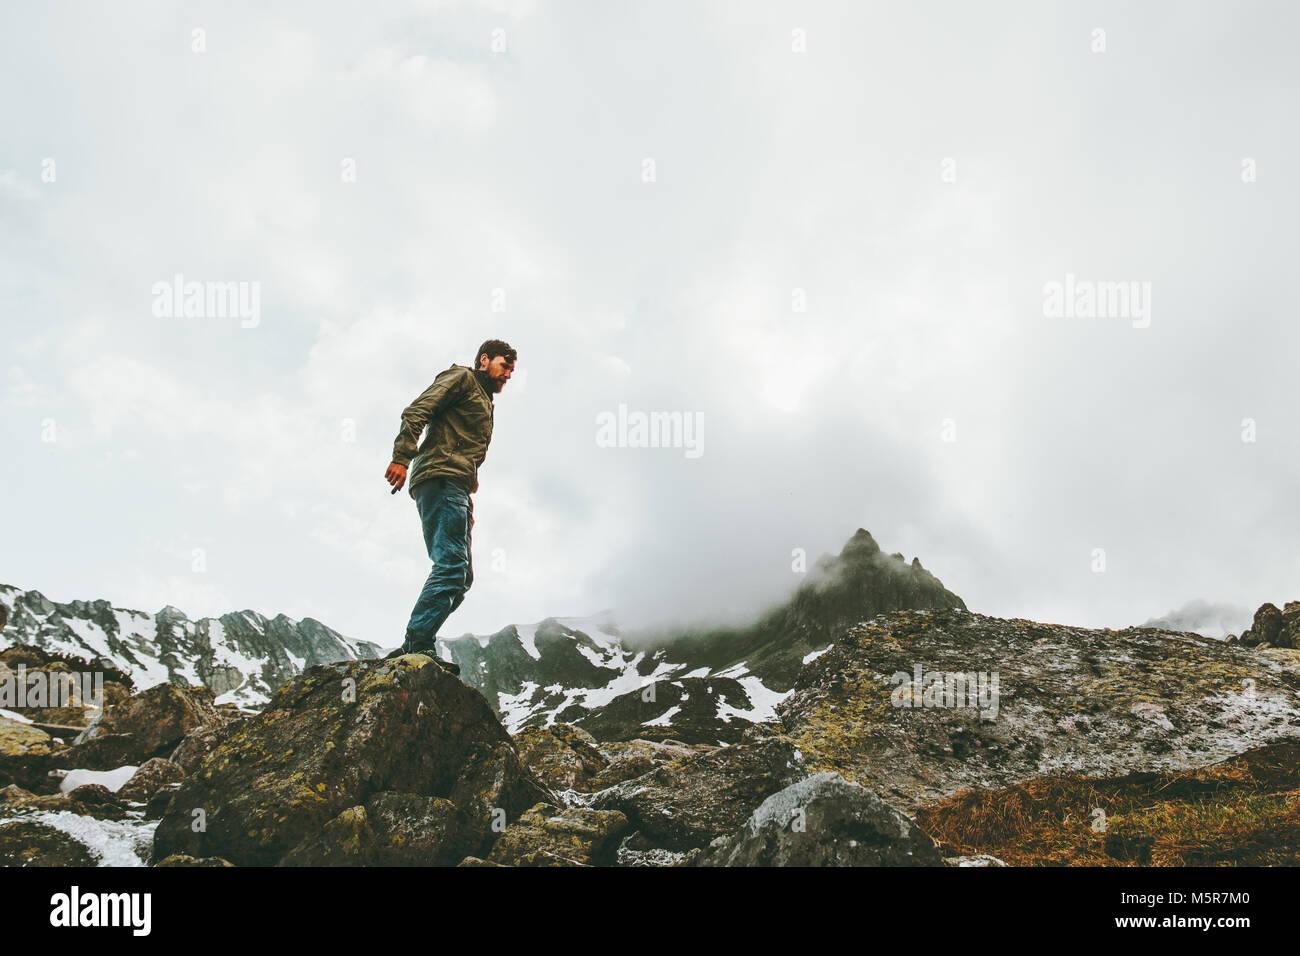 Meilleur homme debout seul dans les montagnes brumeuses de vie Voyage aventure concept émotionnel survie vacances Photo Stock